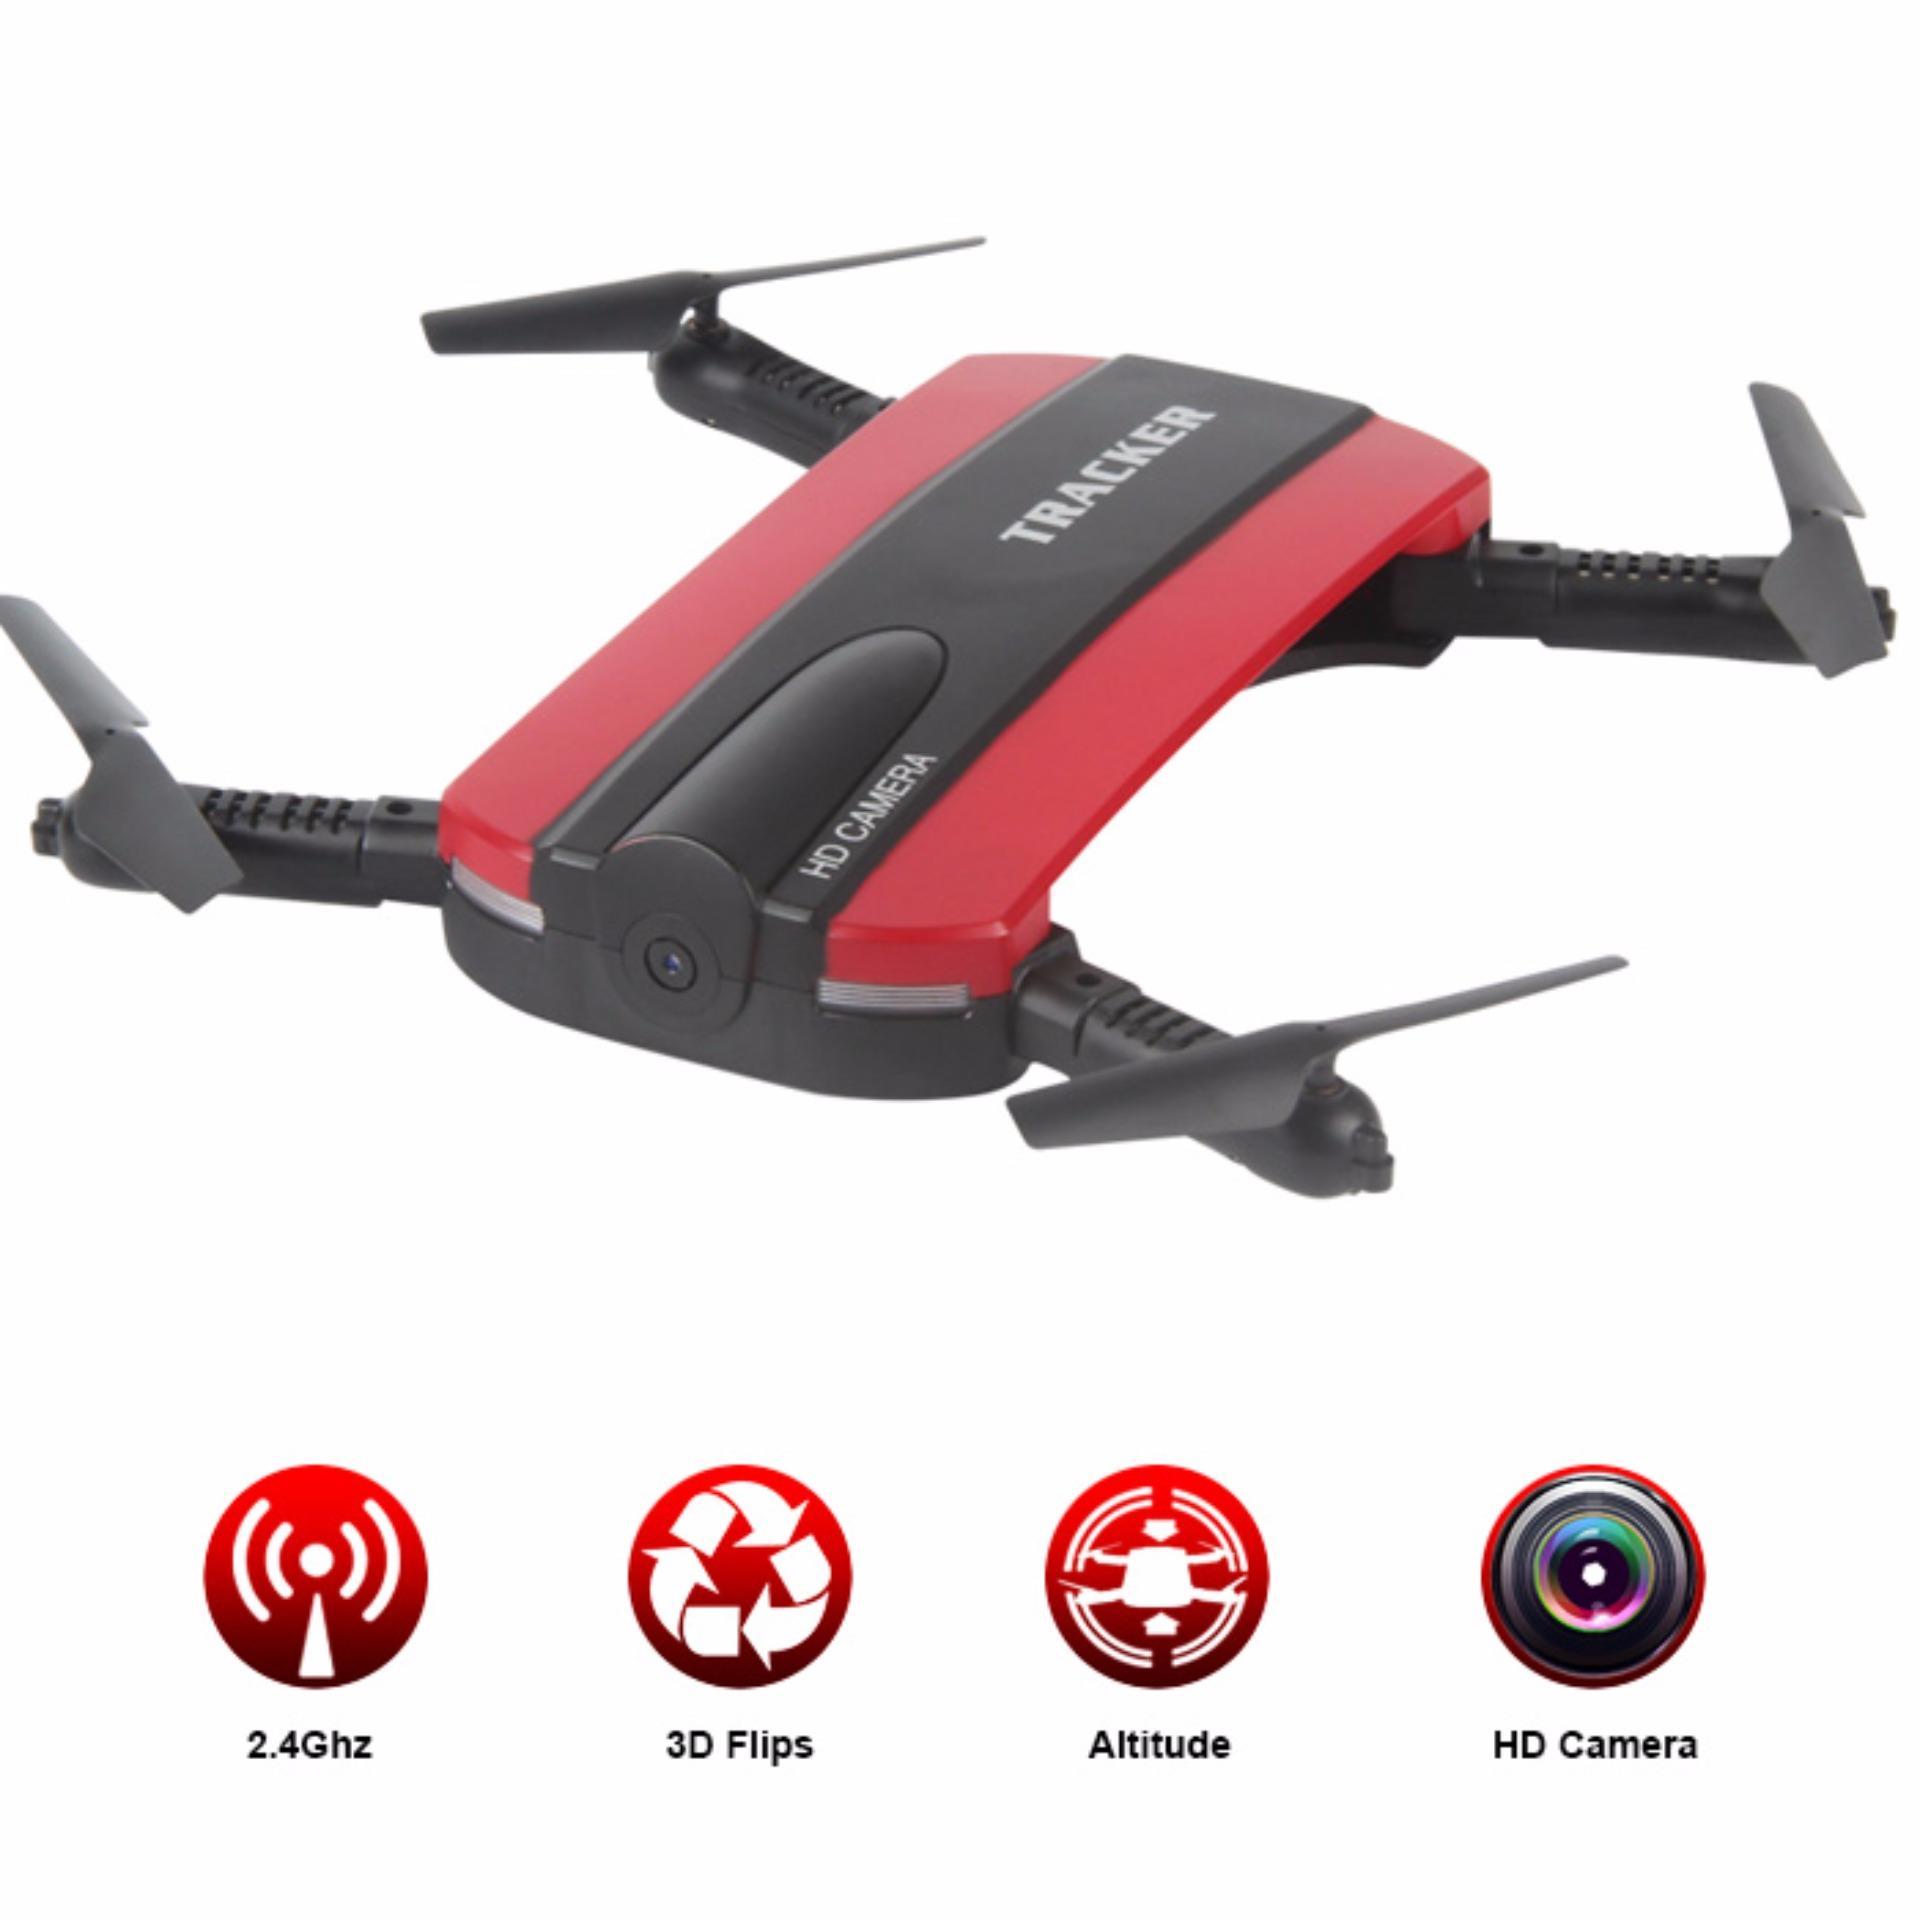 Flycam mini quay video HD TRACKER loại 1